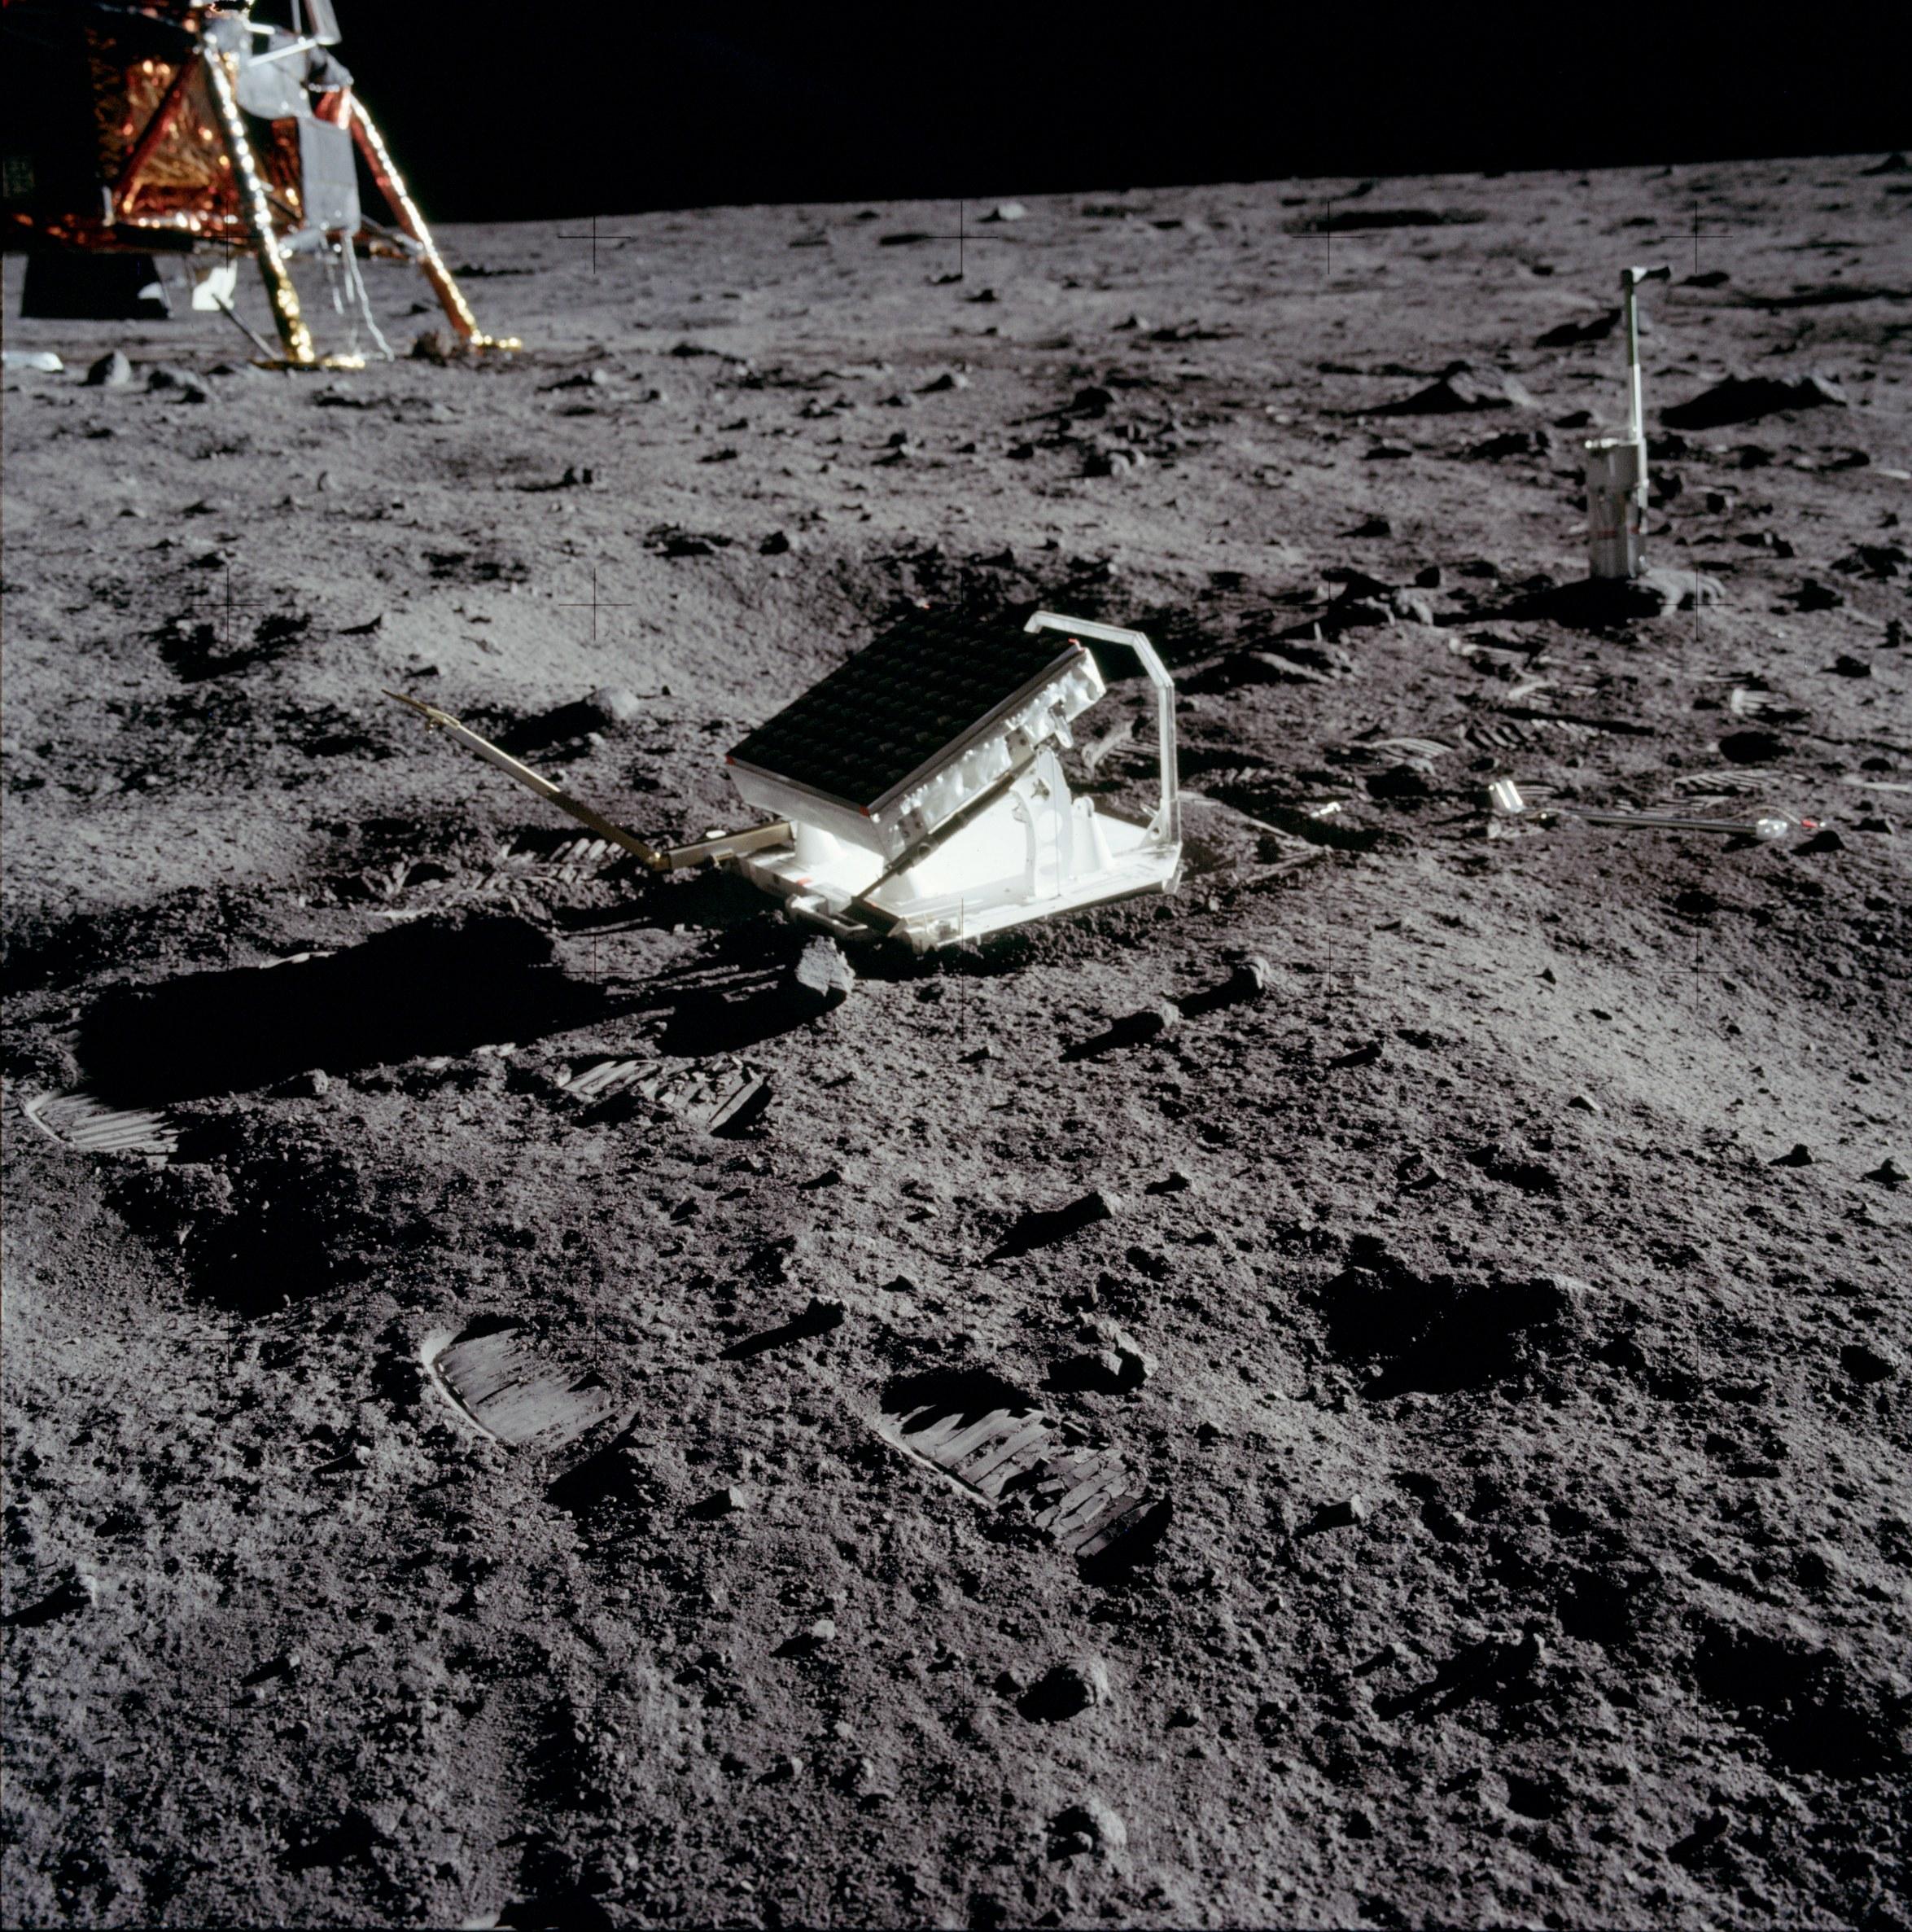 Der Laserretroreflektor auf der Mondoberfläche (Bild: NASA)